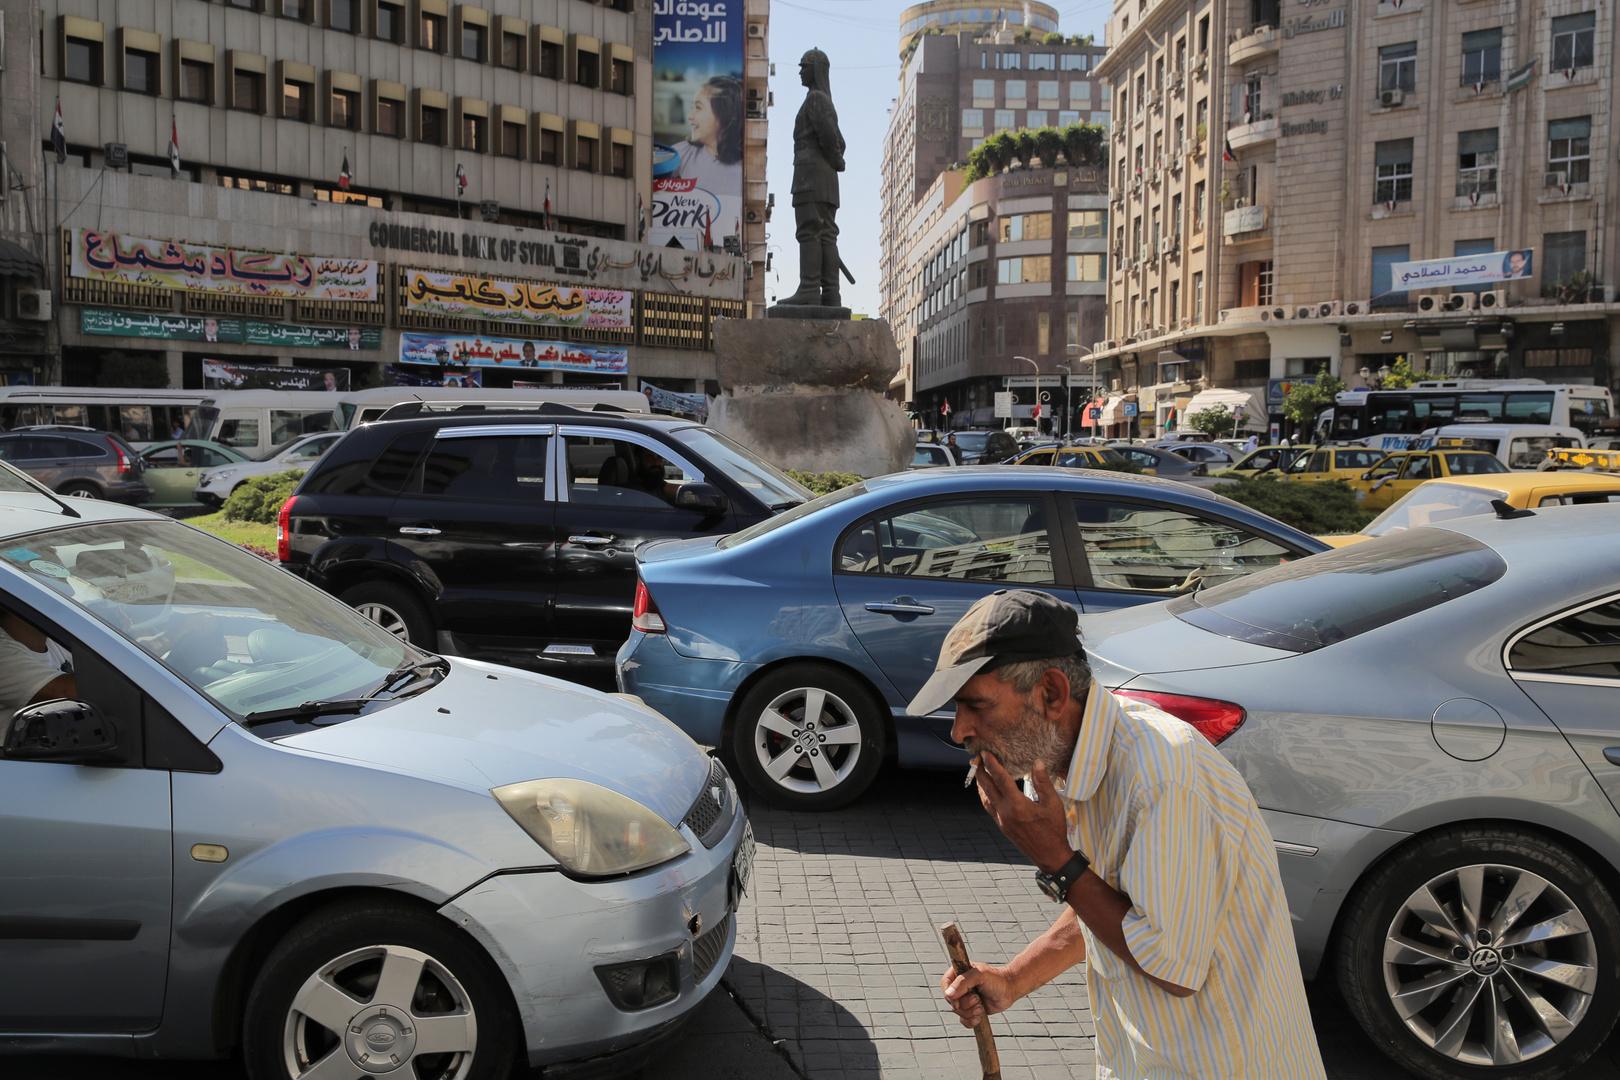 شارع في العاصمة السورية دمشق- من الأرشيف